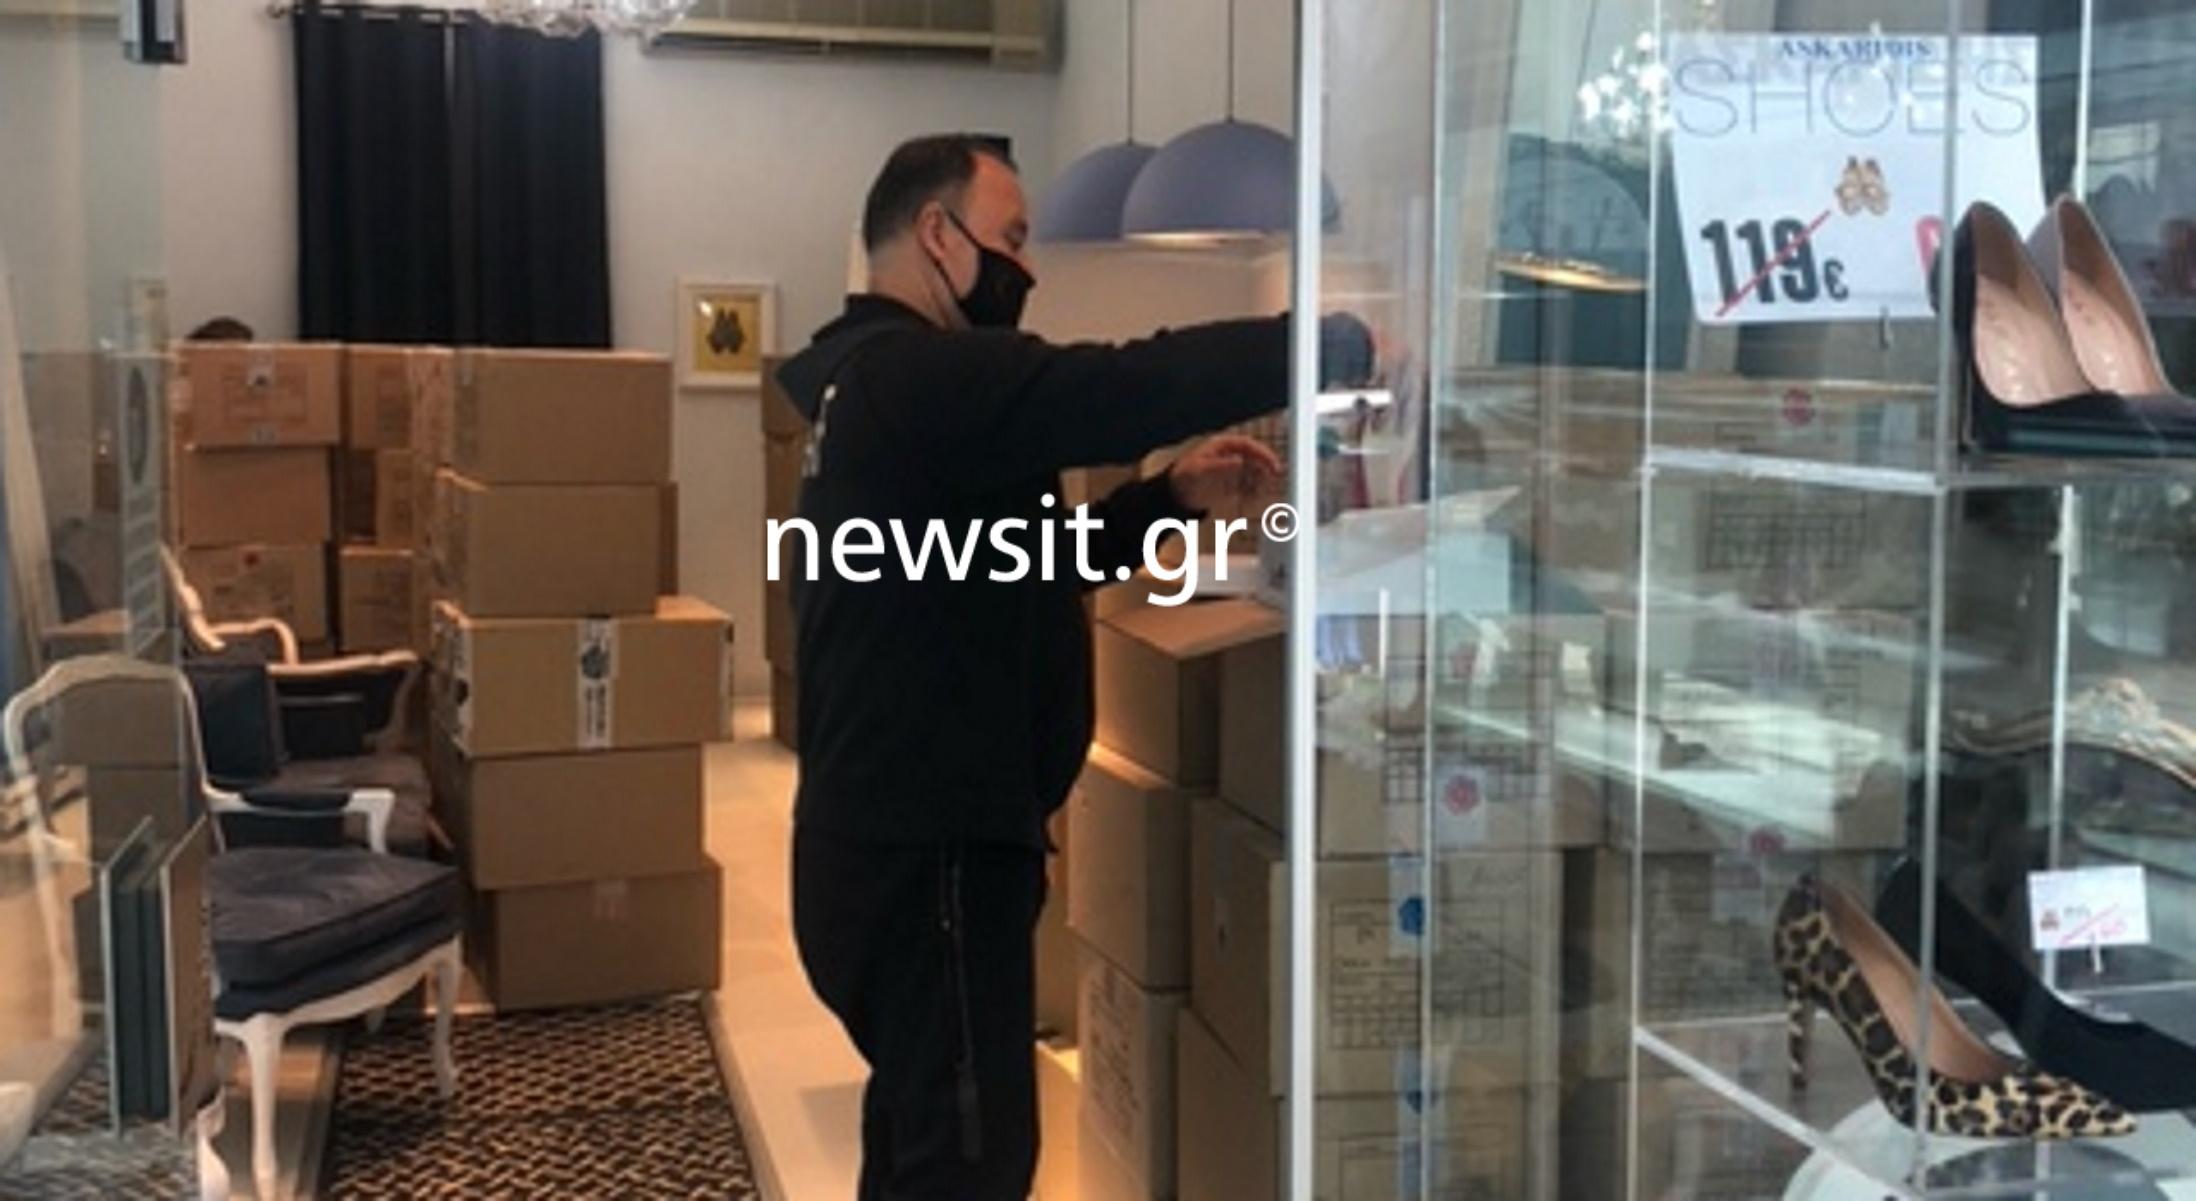 Θεσσαλονίκη: Στο φουλ οι ετοιμασίες στα καταστήματα – «Δεν βλέπουμε την ώρα να υποδεχτούμε τους πελάτες» (pics)